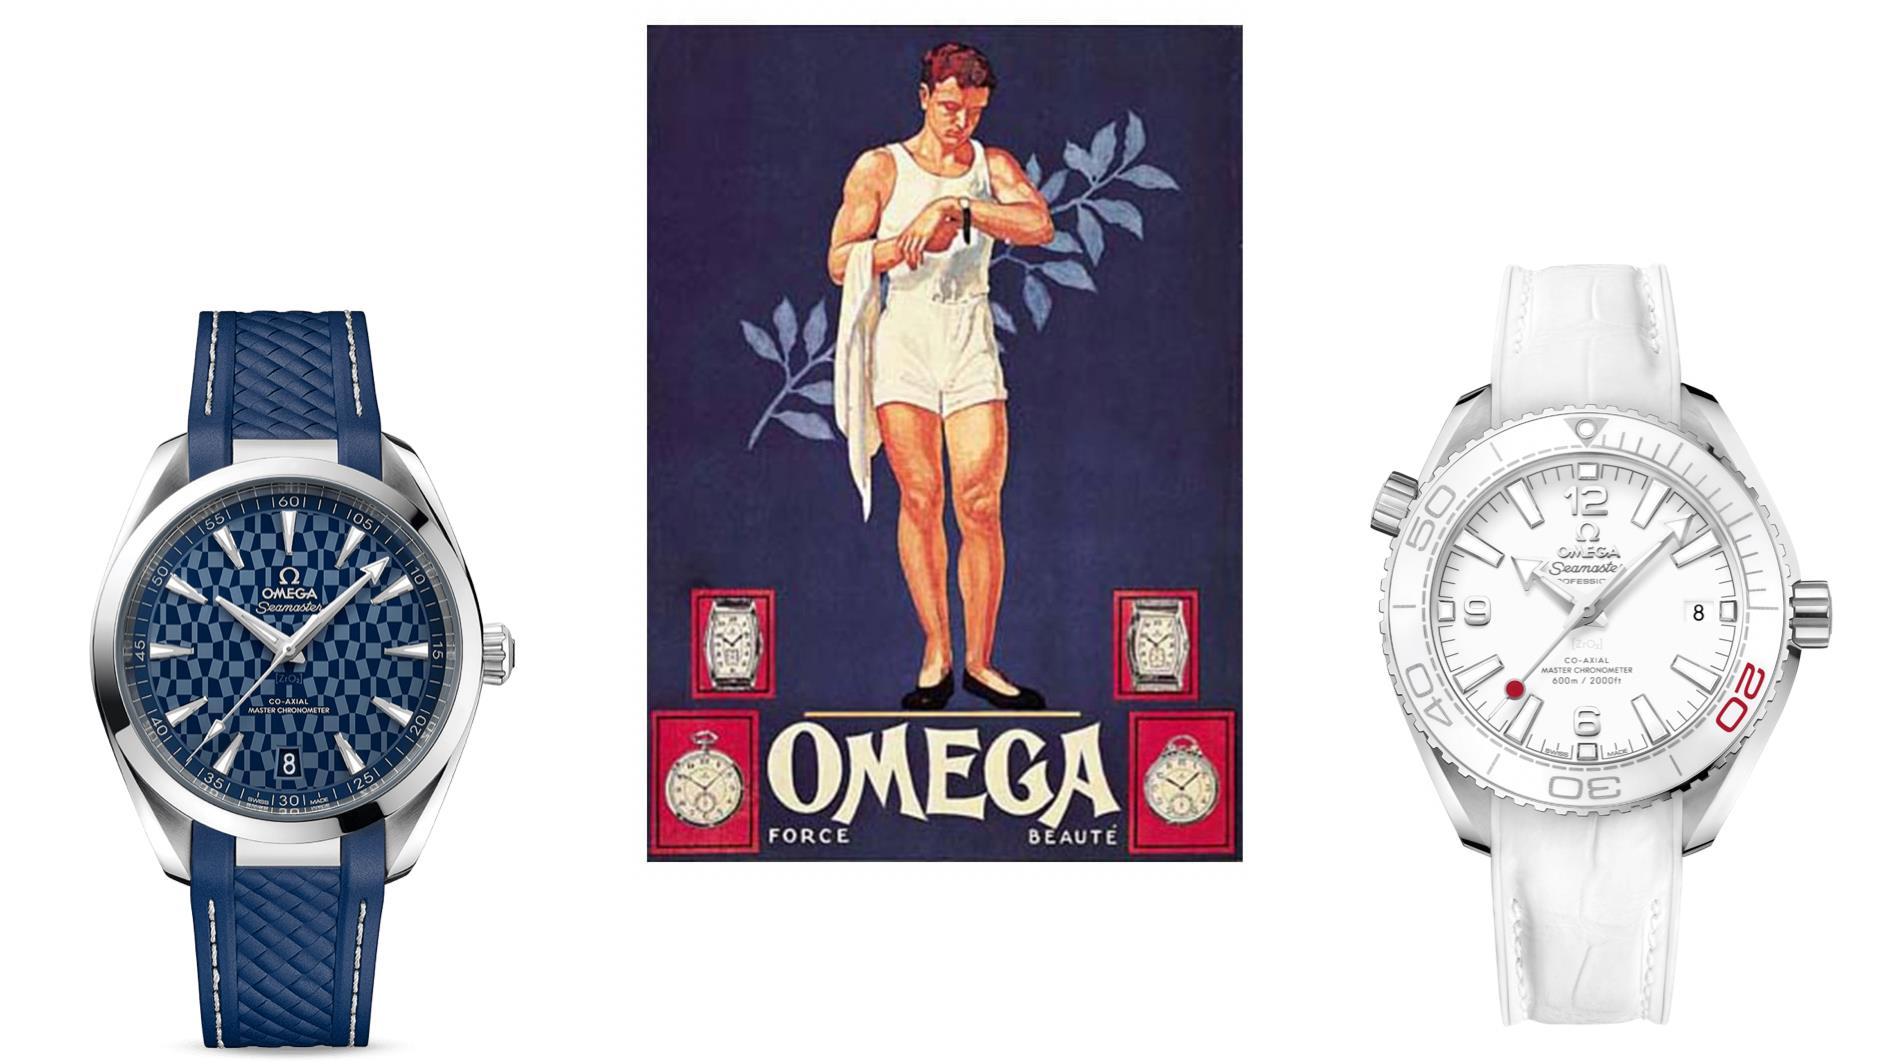 Omega Juegos Olimpicos de Tokyo 2020 y su historia en olimpiadas